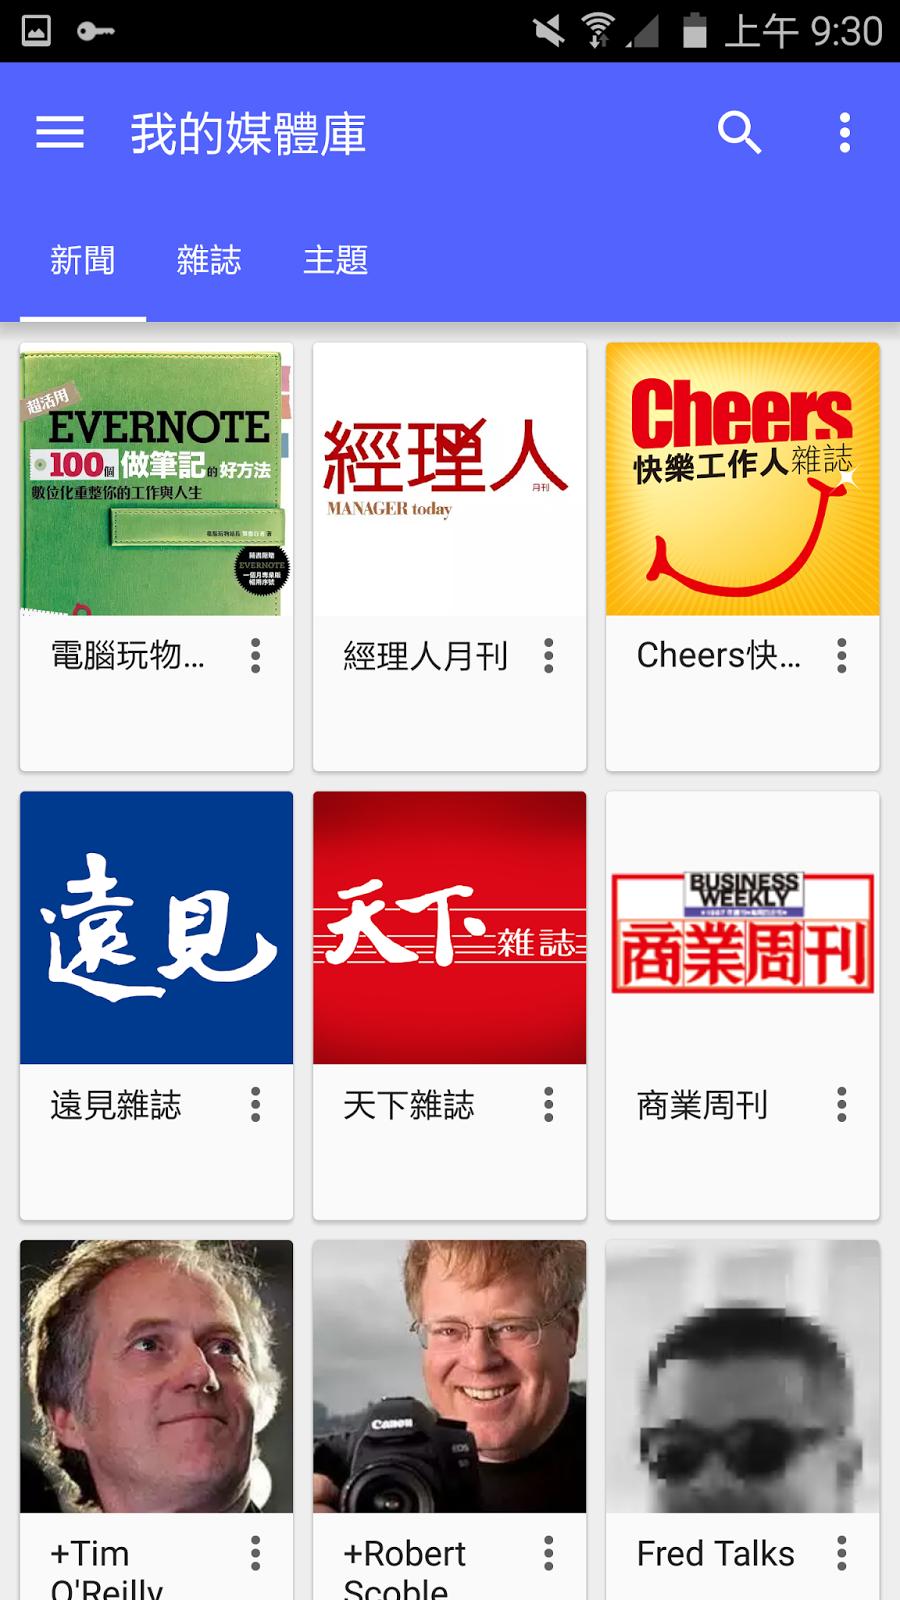 我用四步將 Google Play 書報攤編輯成深度閱讀雜誌